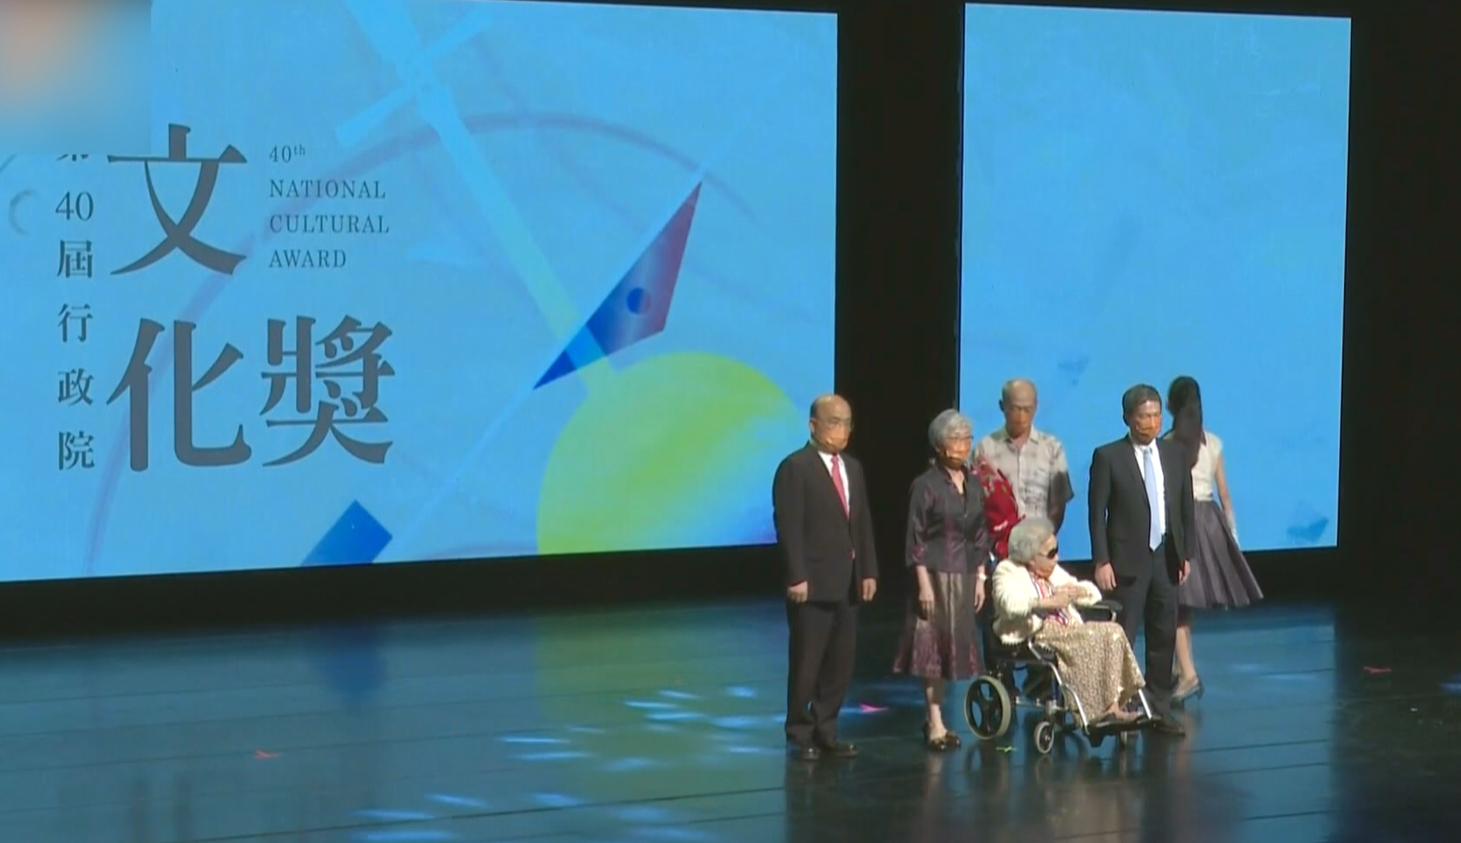 第40屆行政院文化獎 2位國寶藝術家著獎